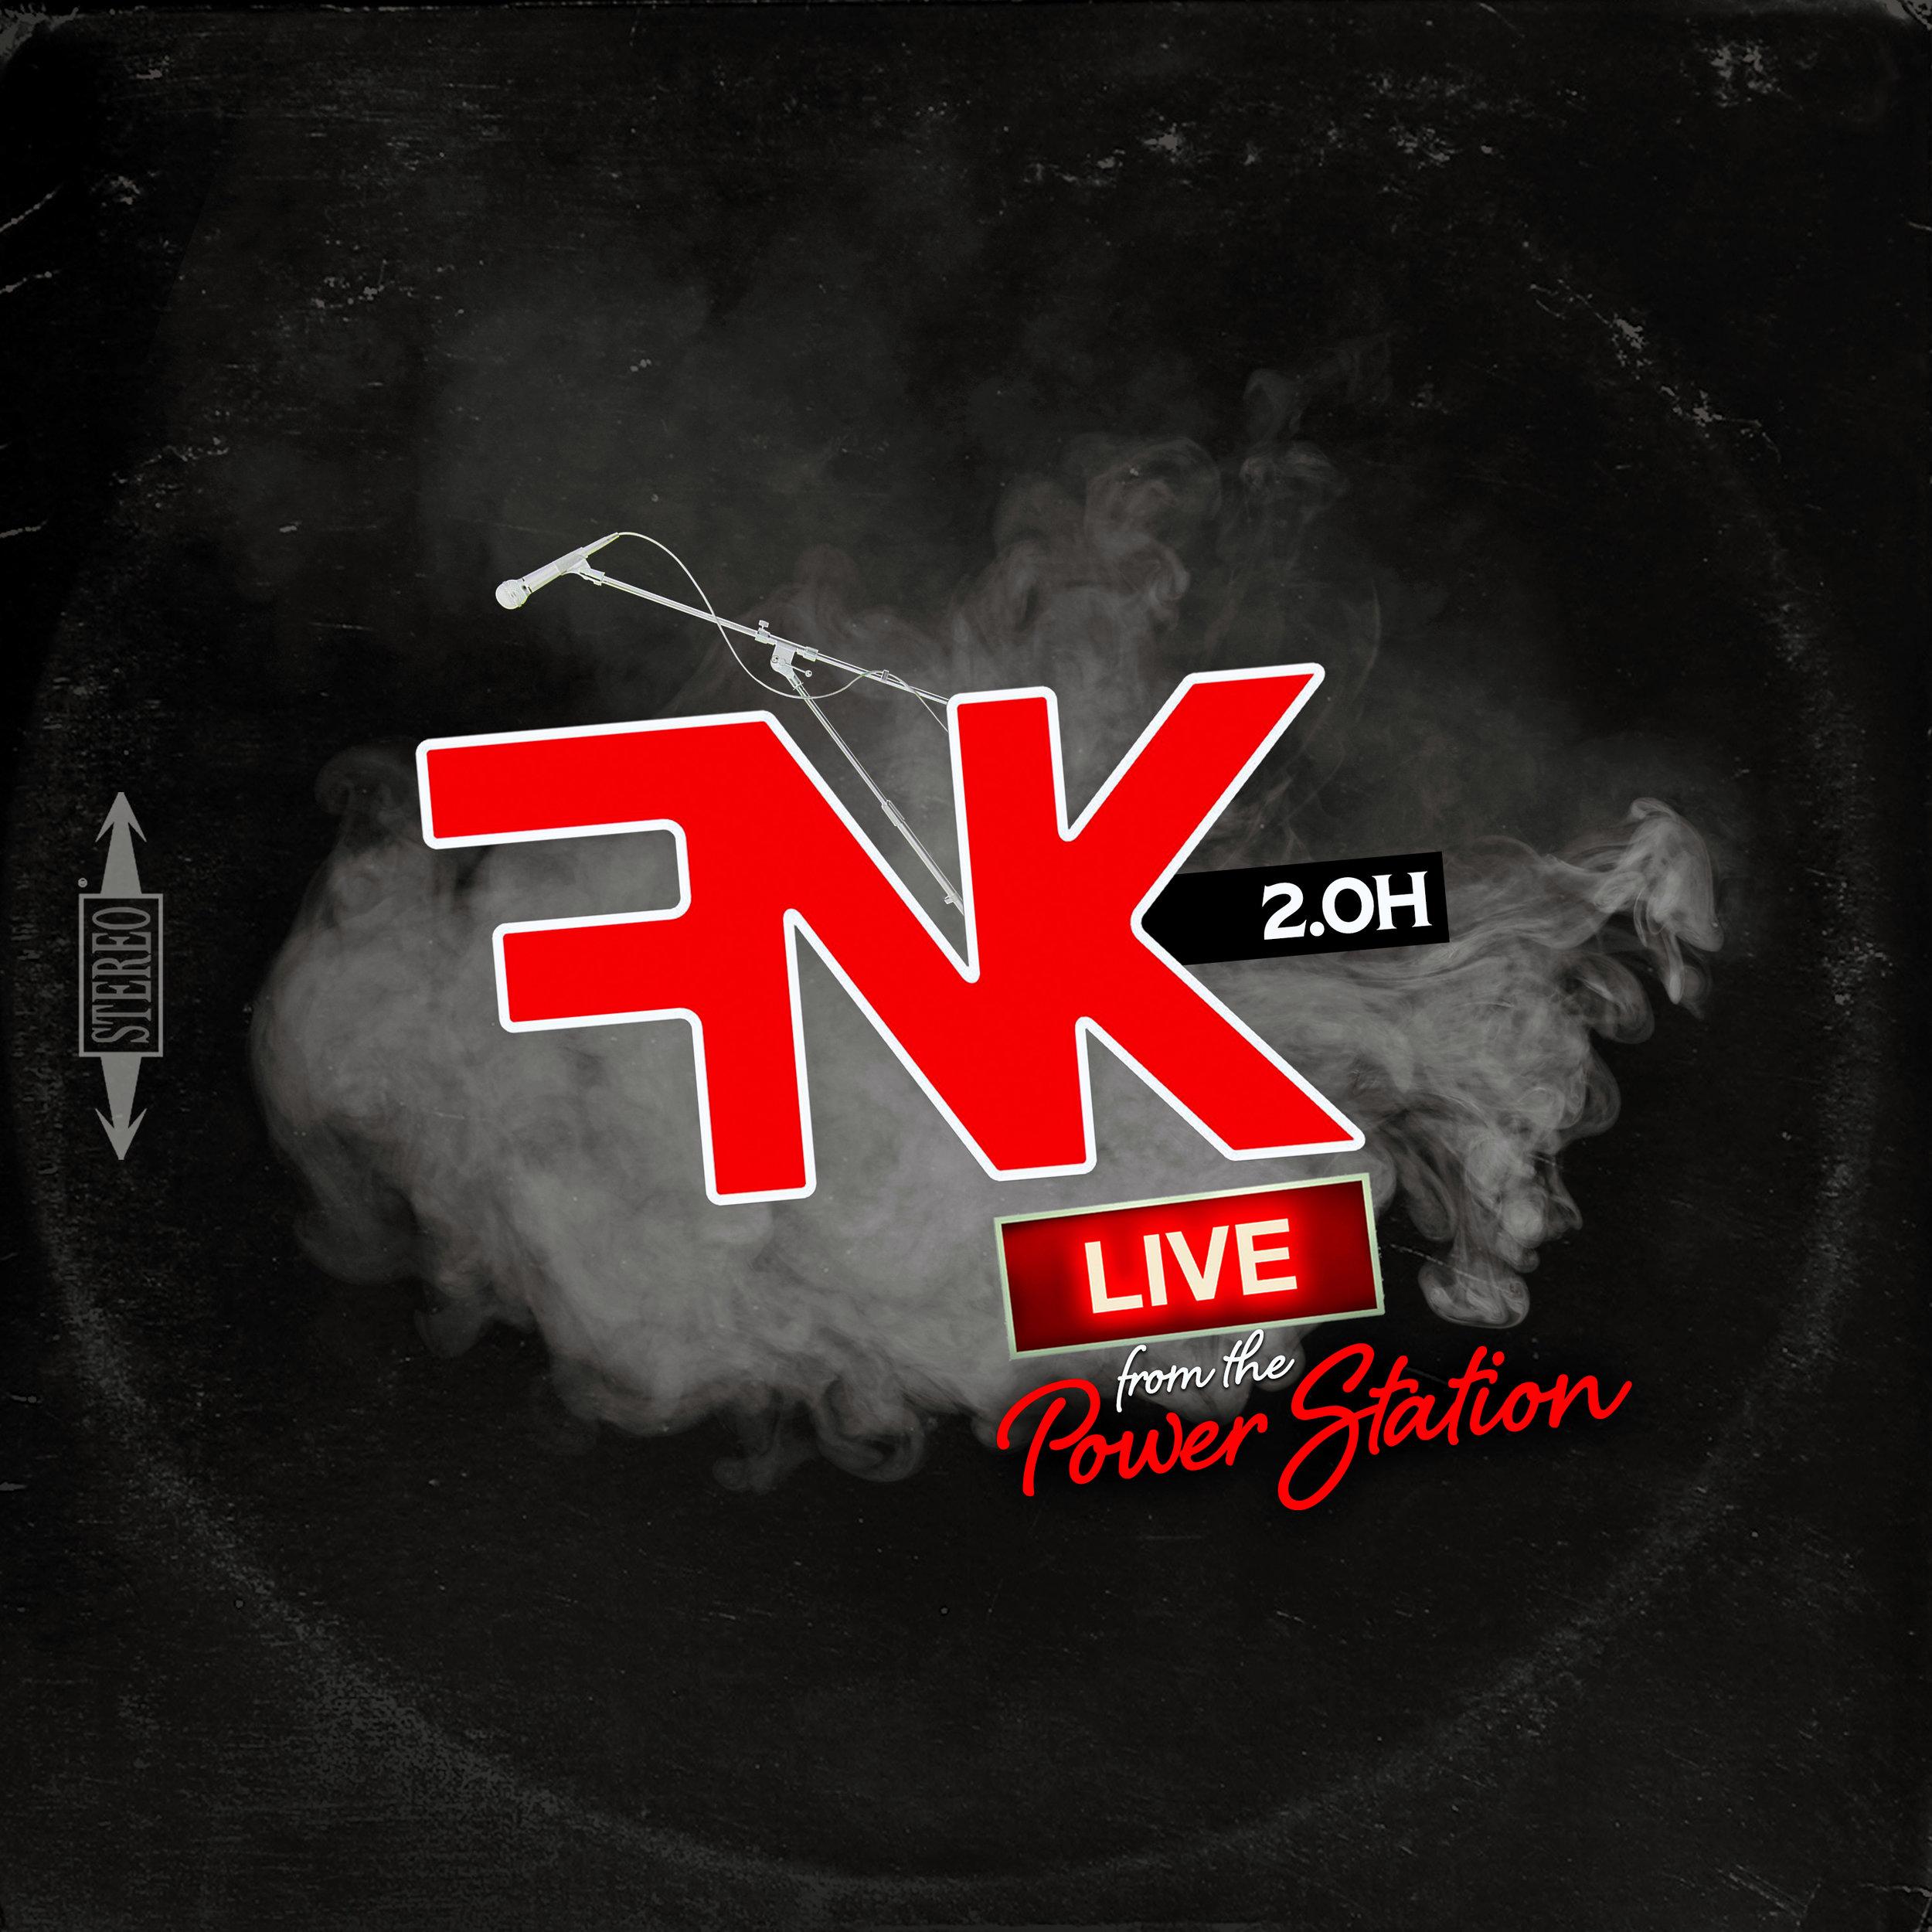 FNKalbumcoverFinal.jpg